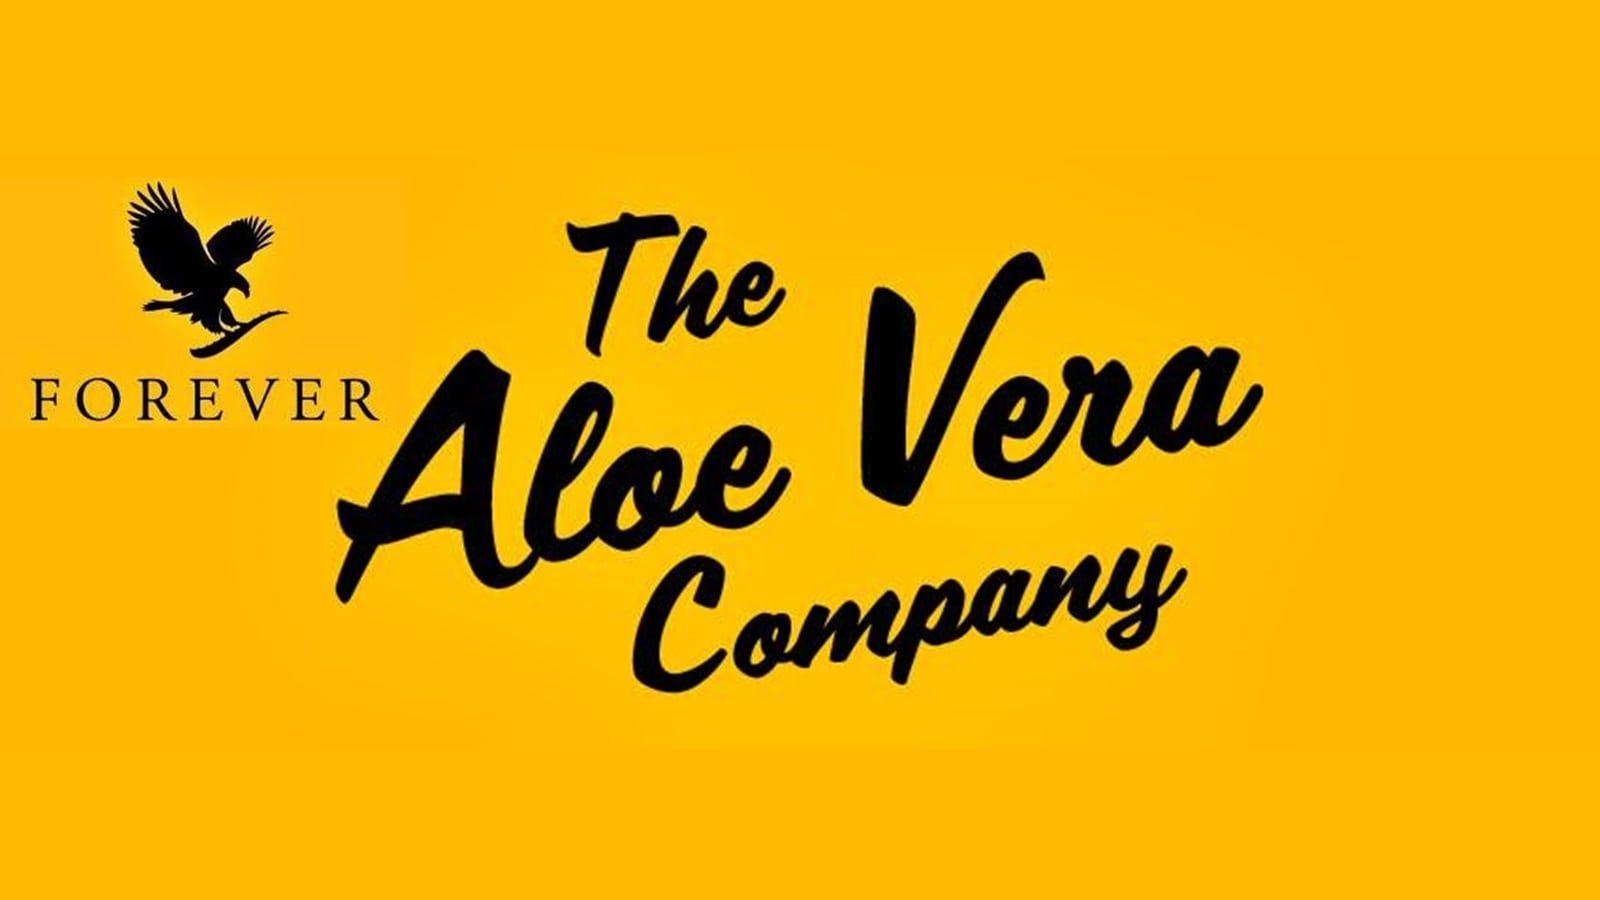 Forever The Aloe Vera Company